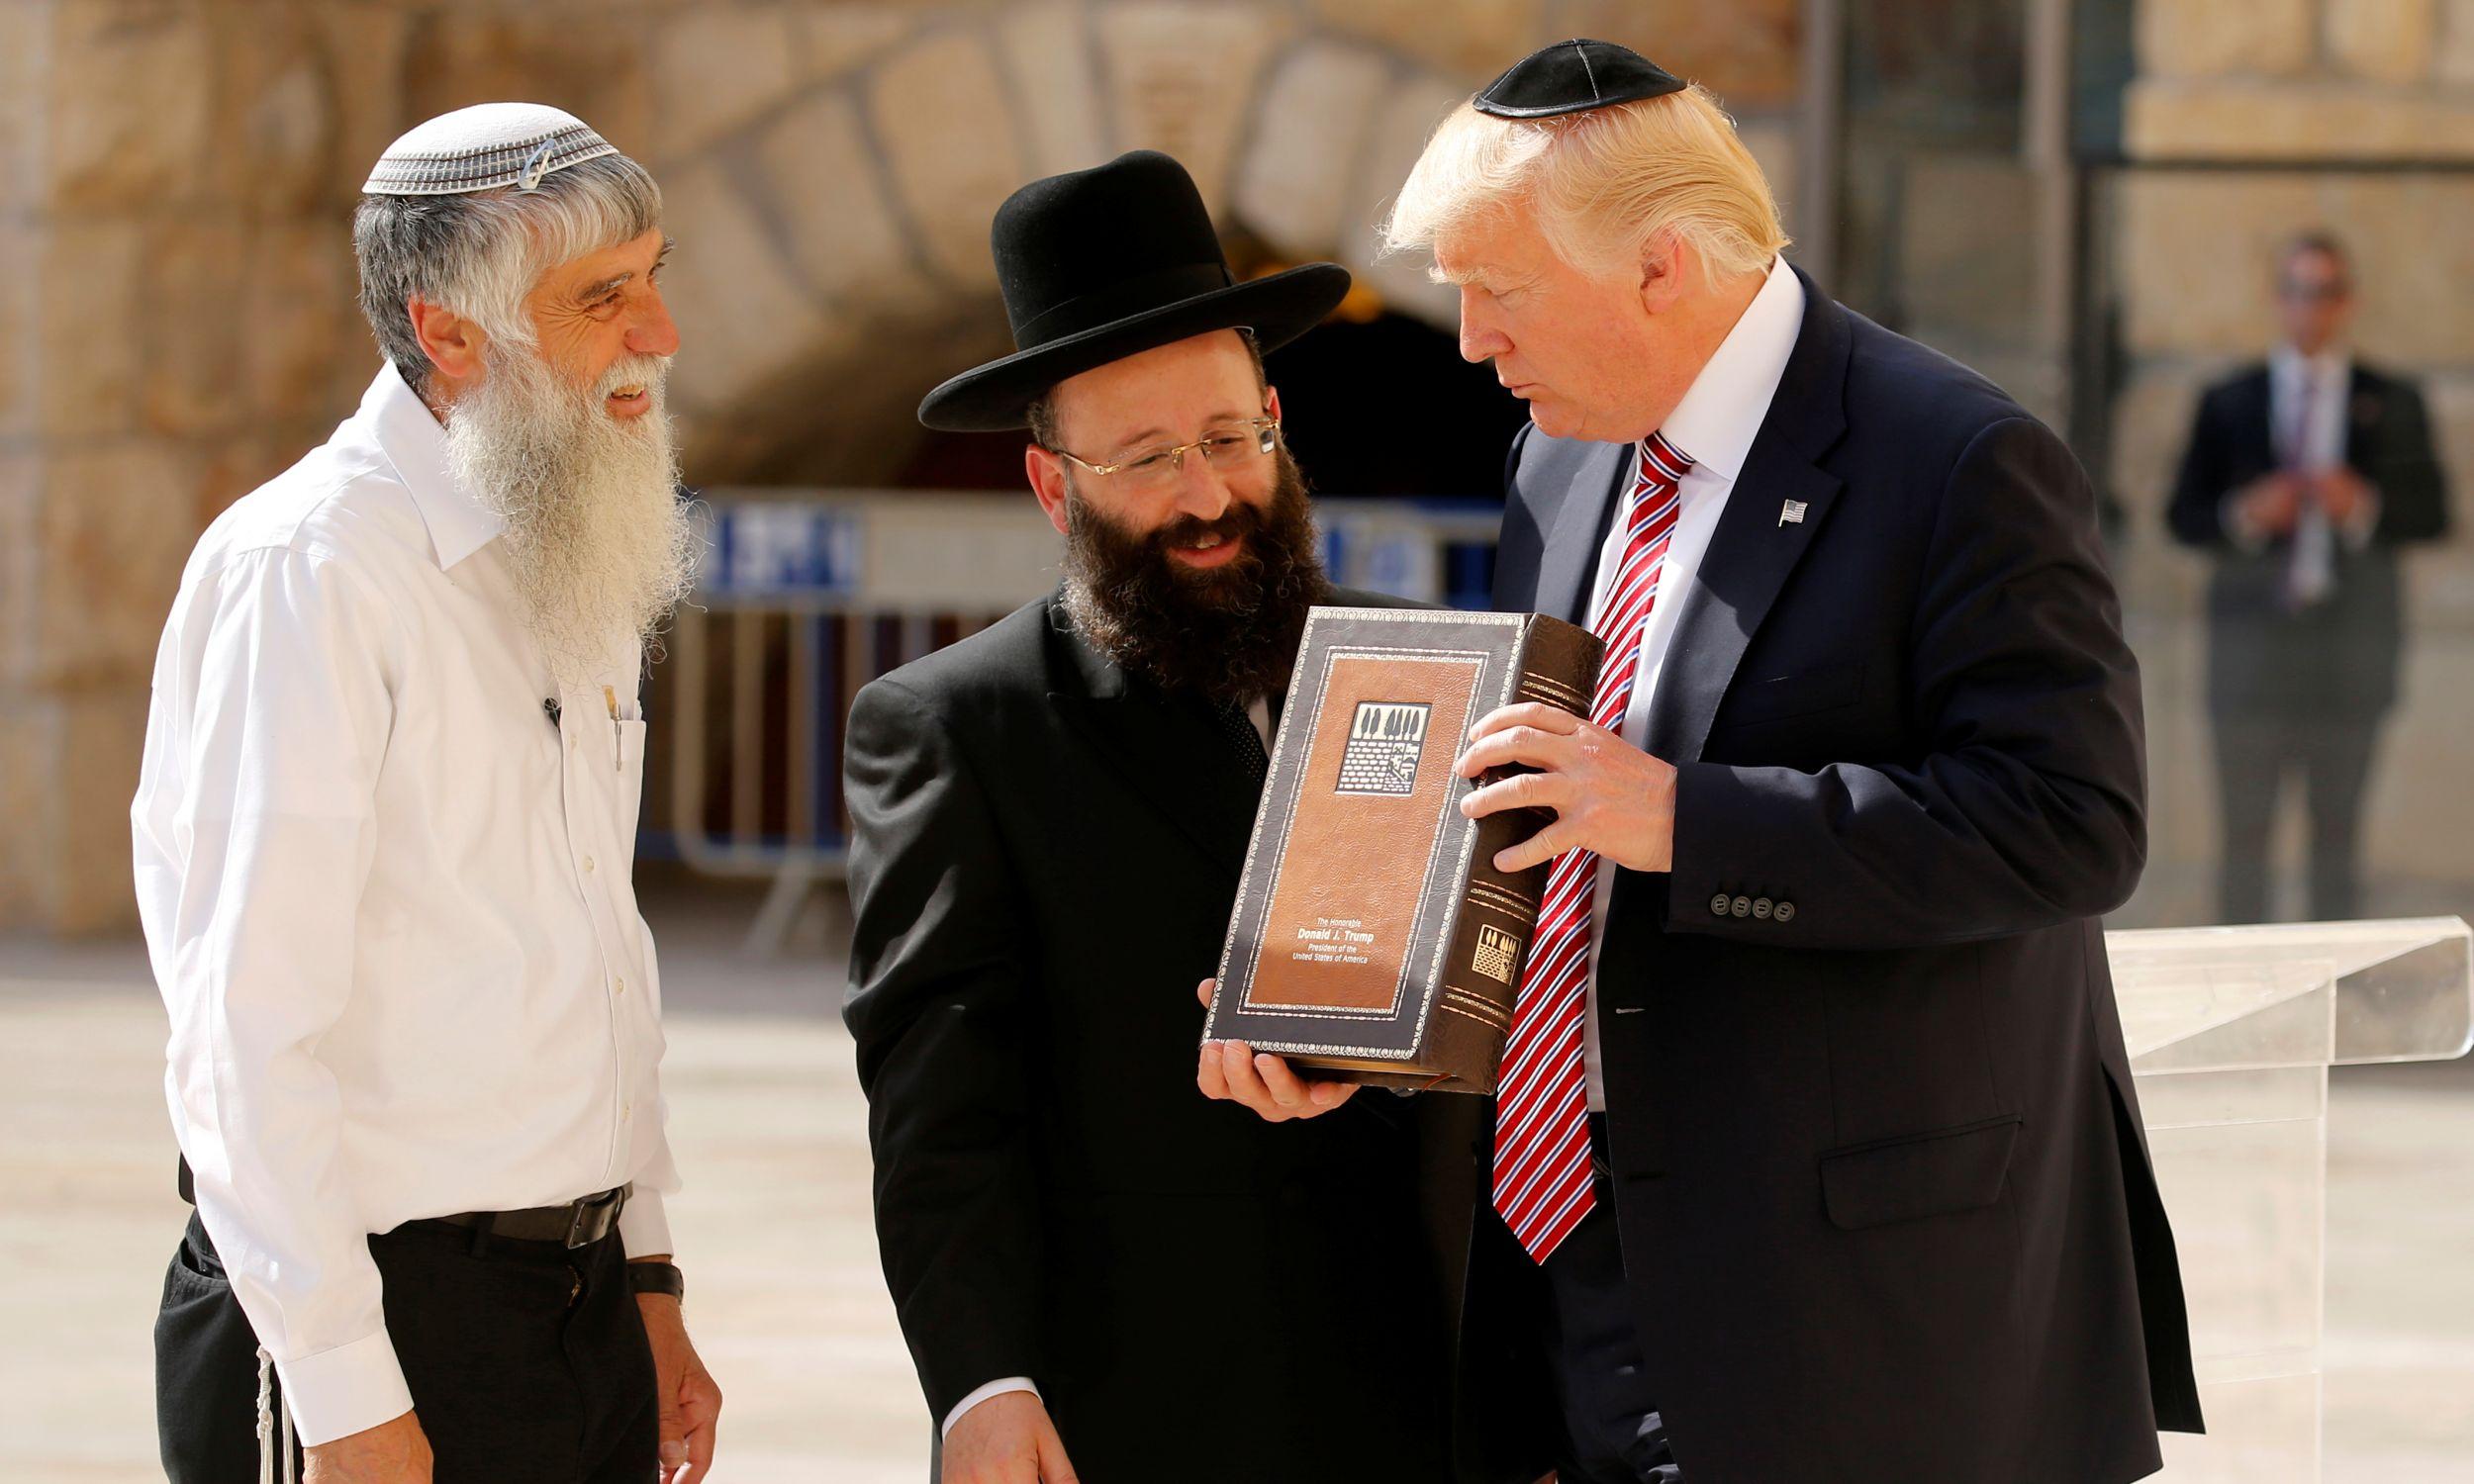 Prezydent USA Donald Trump (po prawej) otrzymuje w darze Księgę Psalmów od dyrektora generalnego Fundacji Ściany Płaczu Mordechaia Eliasa (po lewej) i rabina Ściany Płaczu Szmuela Rabinovitcha (w środku). Jerozolima, maj 2017. Fot. REUTERS/Jonathan Ernst